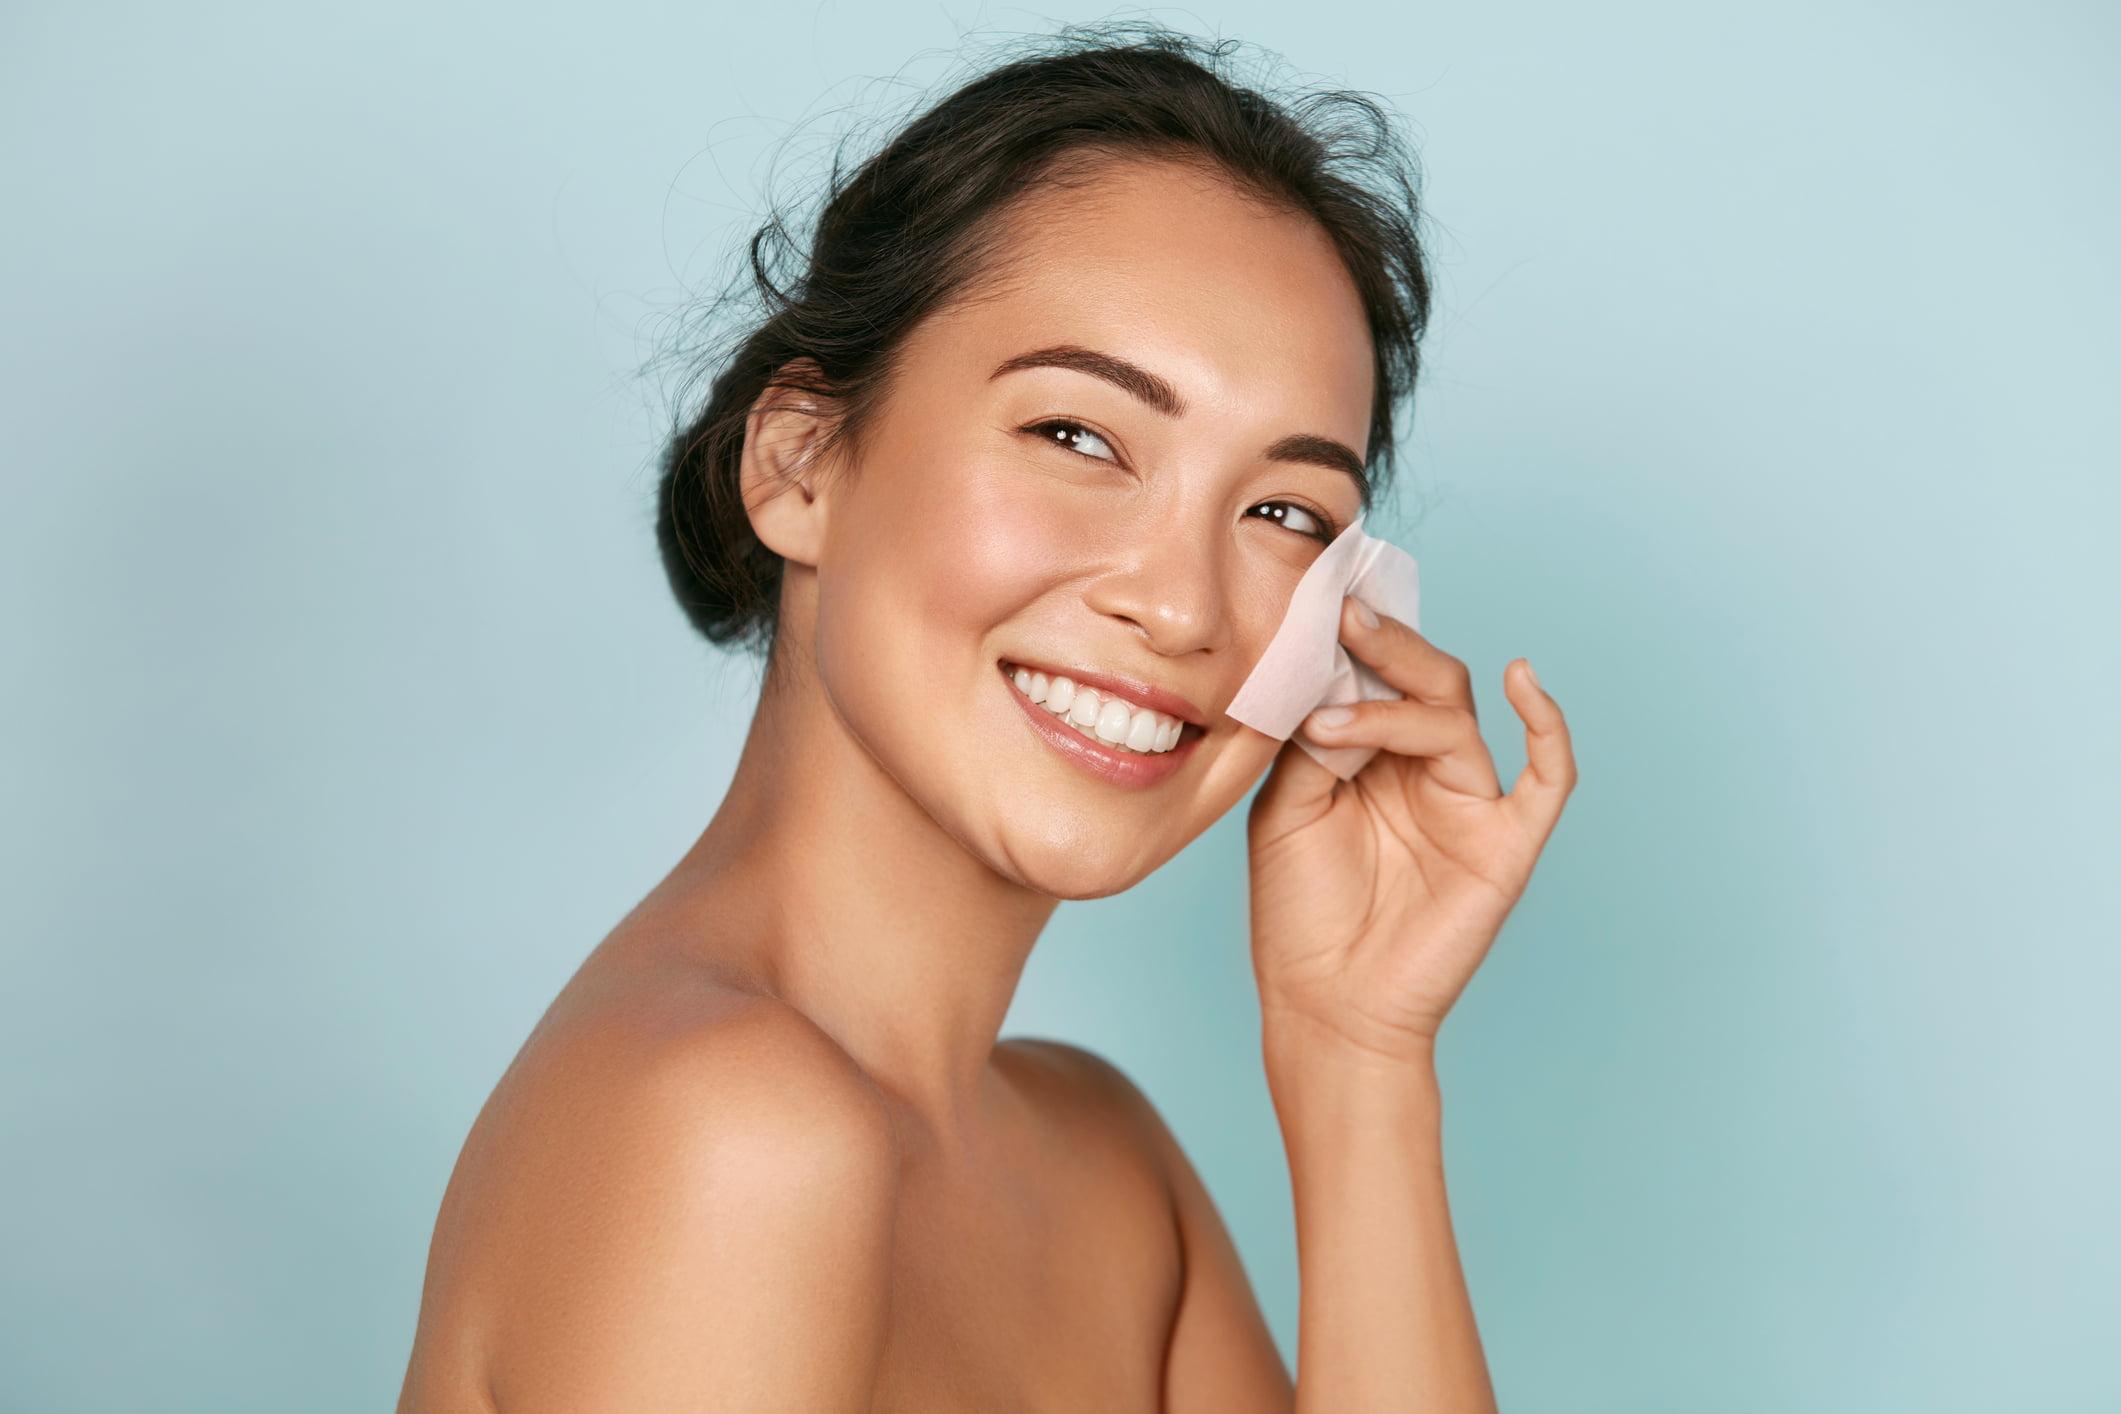 Smiling woman using facial oil blotting paper